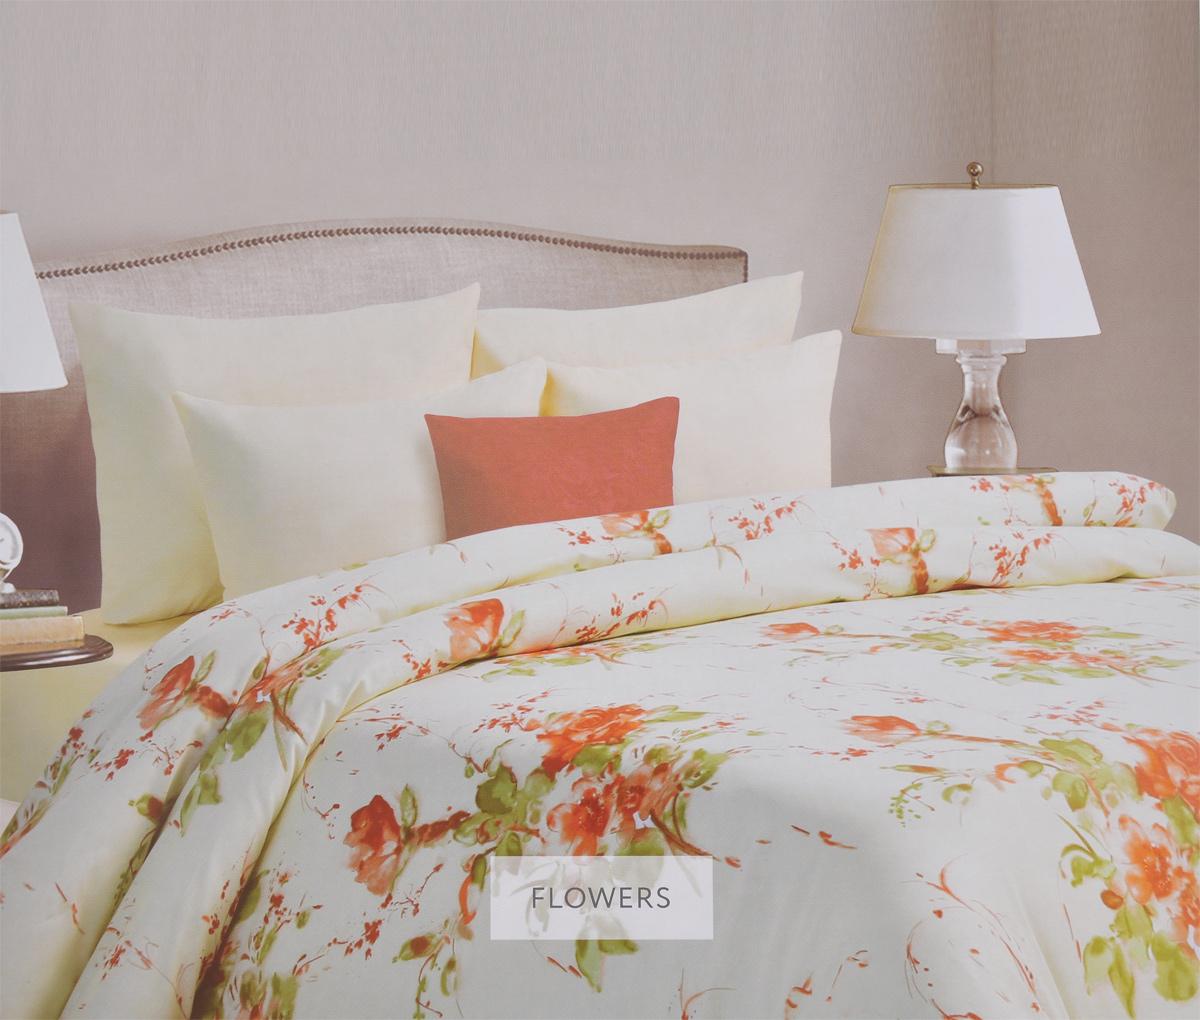 Комплект белья Mona Liza Flowers, 2-спальный, наволочки 70х70, цвет: бежевый, светло-зеленый. 562203/668/5/3Комплект белья Mona Liza Flowers, выполненный из батиста (100% хлопок), состоит из пододеяльника, простыни и двух наволочек. Изделия оформлены красивым цветочным рисунком. Батист - тонкая, легкая, полупрозрачная натуральная ткань полотняного переплетения. Батист, несомненно, является одной из самых аристократичных и совершенных тканей. Он отличается нежностью, трепетной утонченностью и изысканностью. Ткань с незначительной сминаемостью, хорошо сохраняющая цвет при стирке, легкая, с прекрасными гигиеническими показателями. В комплект входит: Пододеяльник - 1 шт. Размер: 175 см х 210 см. Простыня - 1 шт. Размер: 215 см х 240 см. Наволочка - 2 шт. Размер: 70 см х 70 см. Рекомендации по уходу: - Ручная и машинная стирка 40°С, - Гладить при температуре не более 150°С, - Не использовать хлорсодержащие средства, - Щадящая сушка, - Не подвергать химчистке.